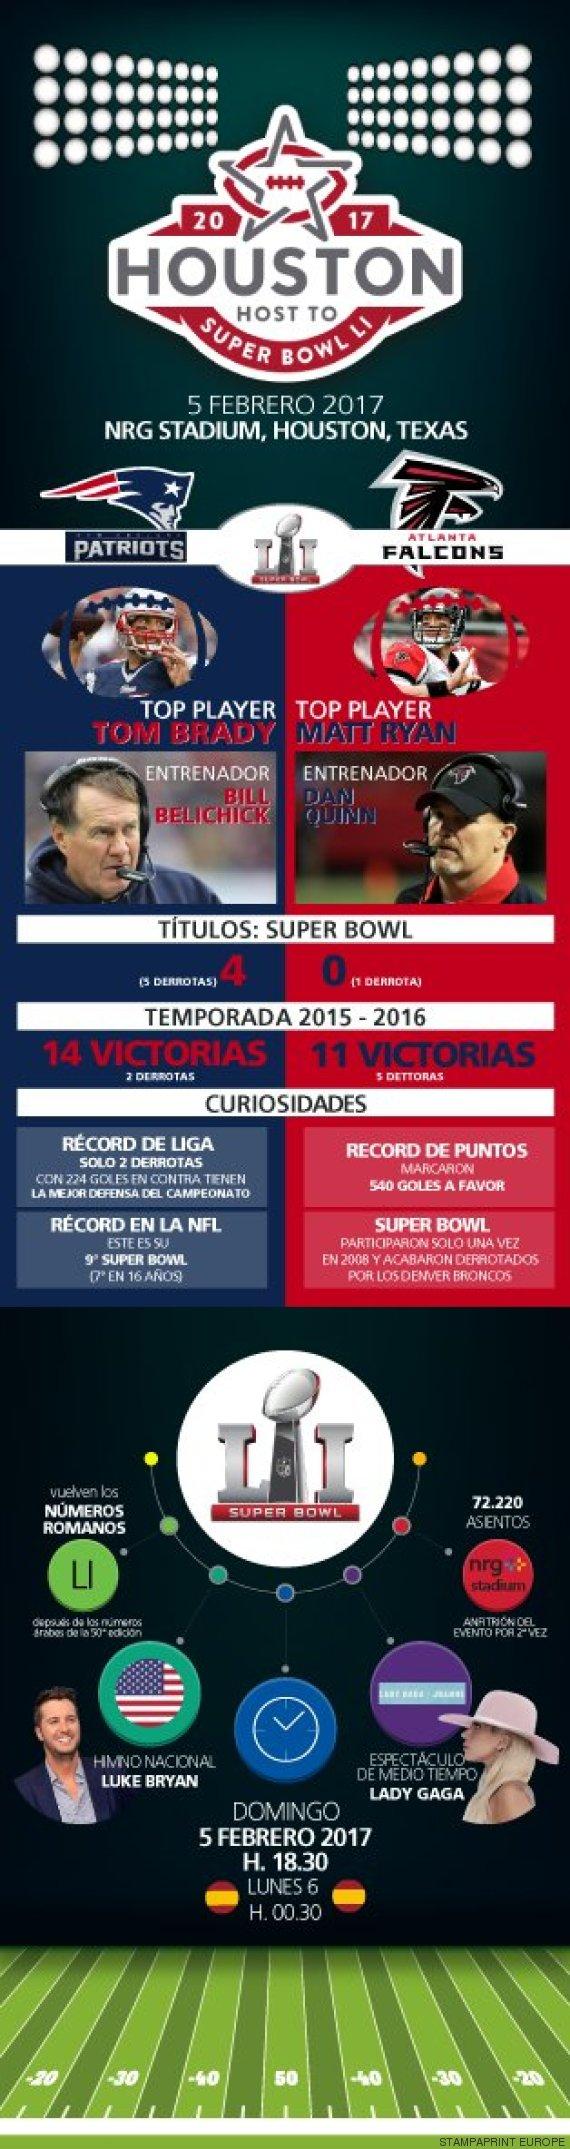 infografia superbowl